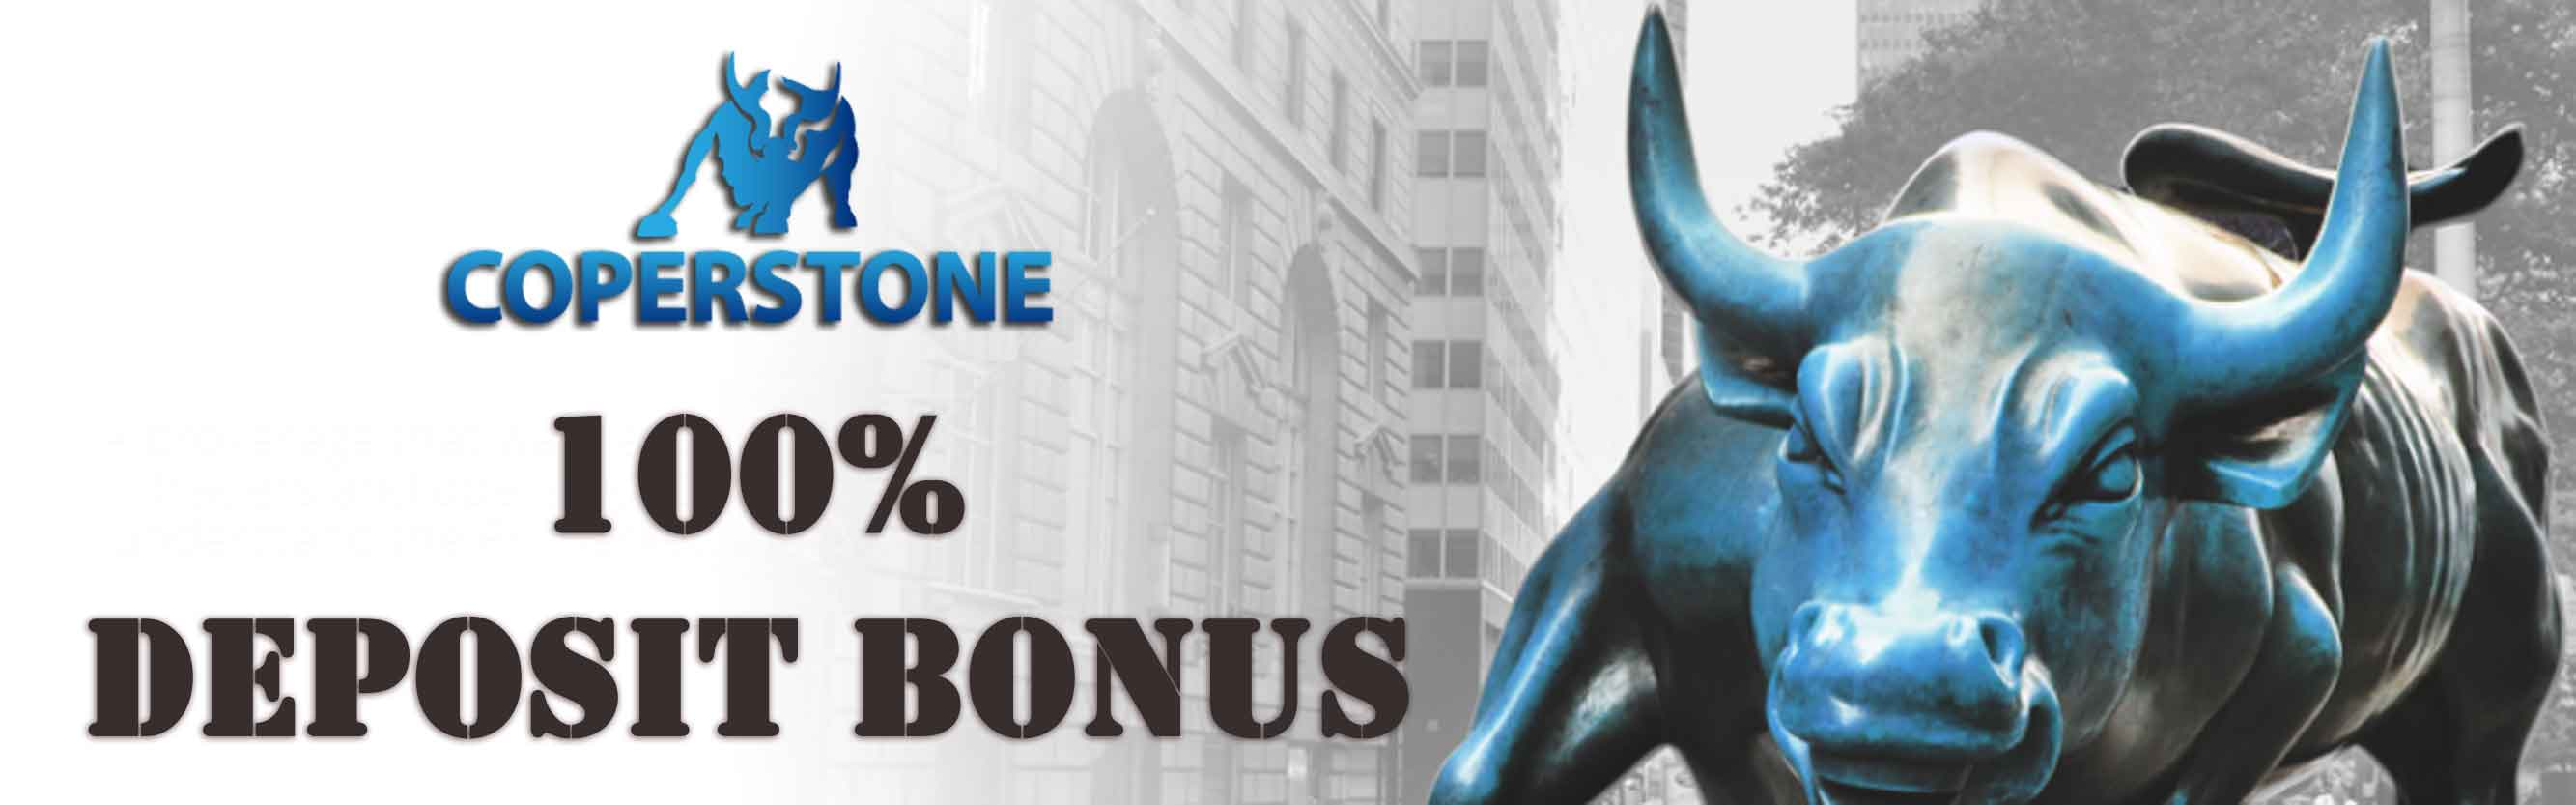 Coperstone deposit bonus